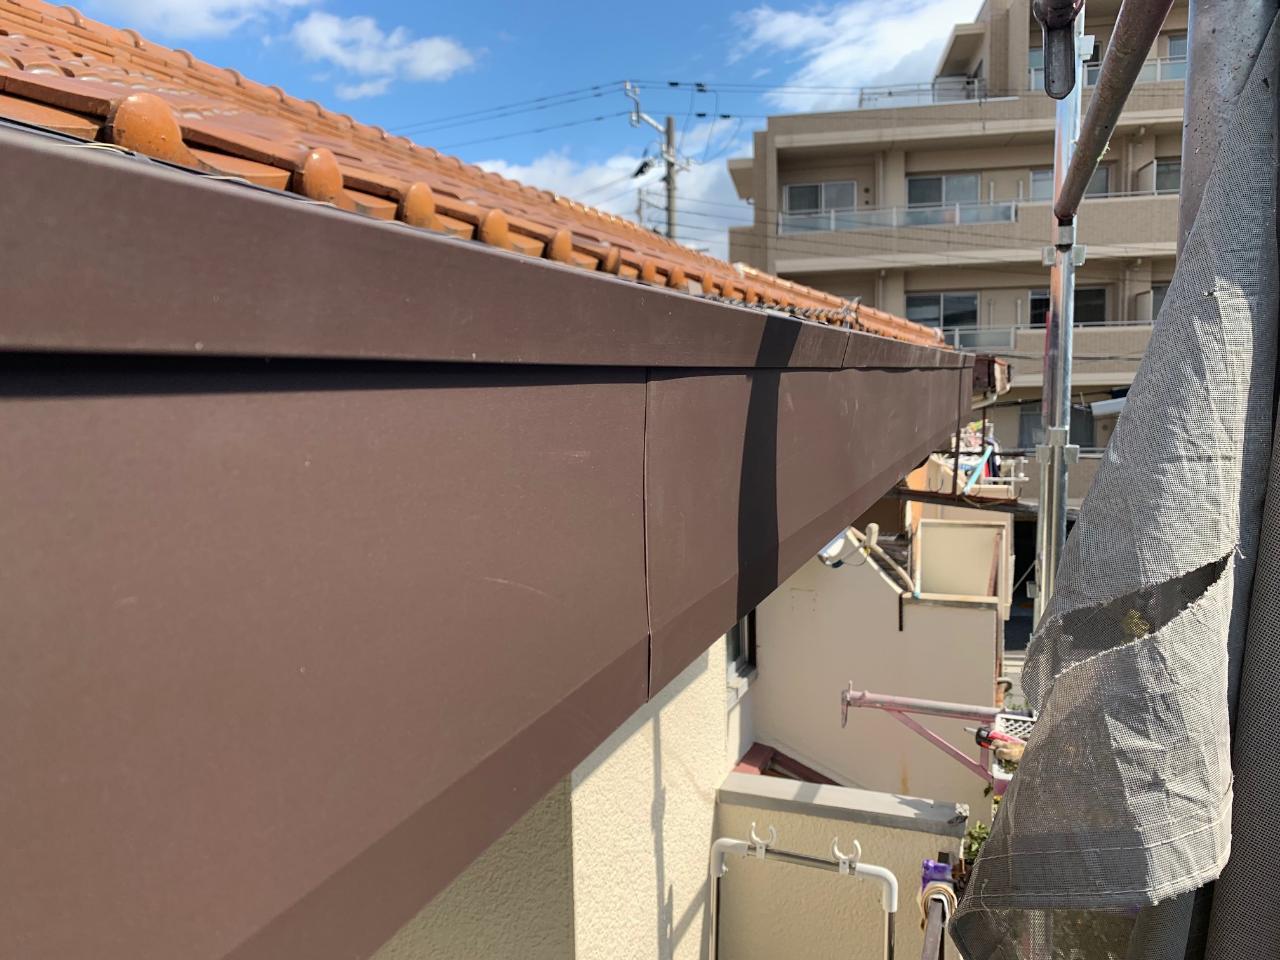 カバー工法した破風板の様子